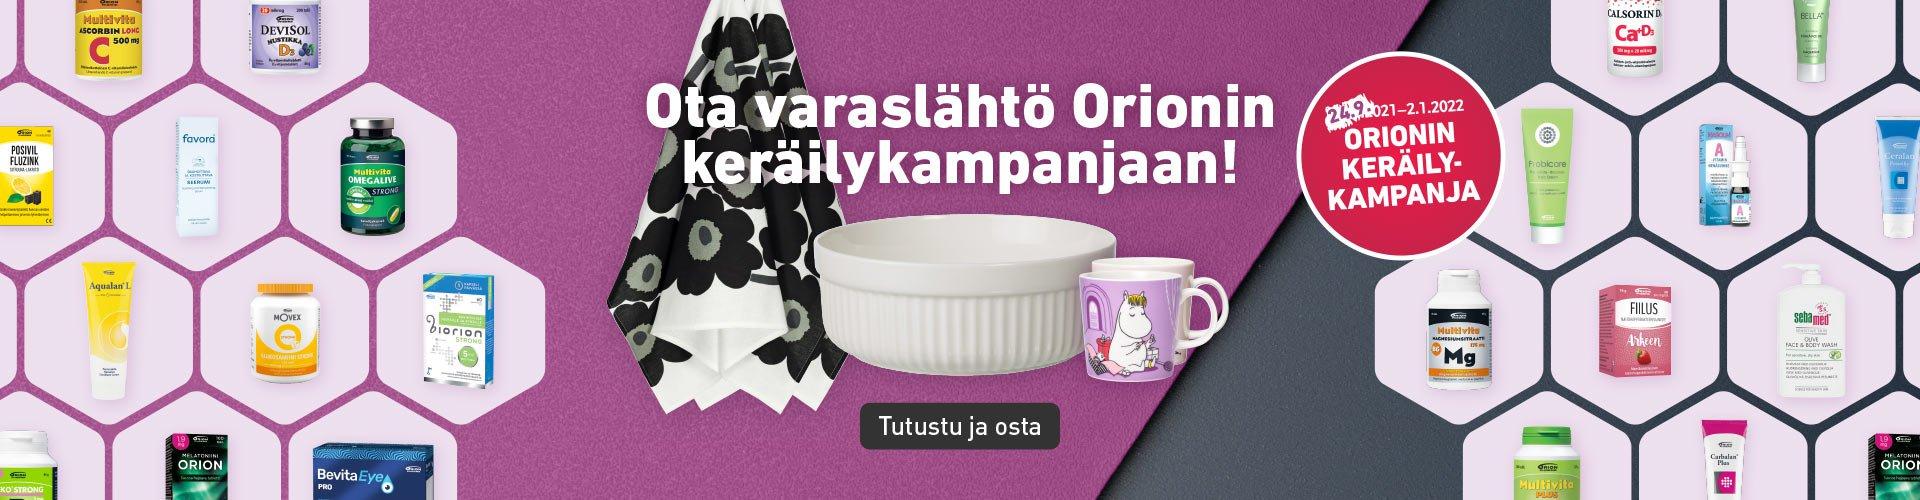 Orionin keräilykampanja Koivu pteekissa